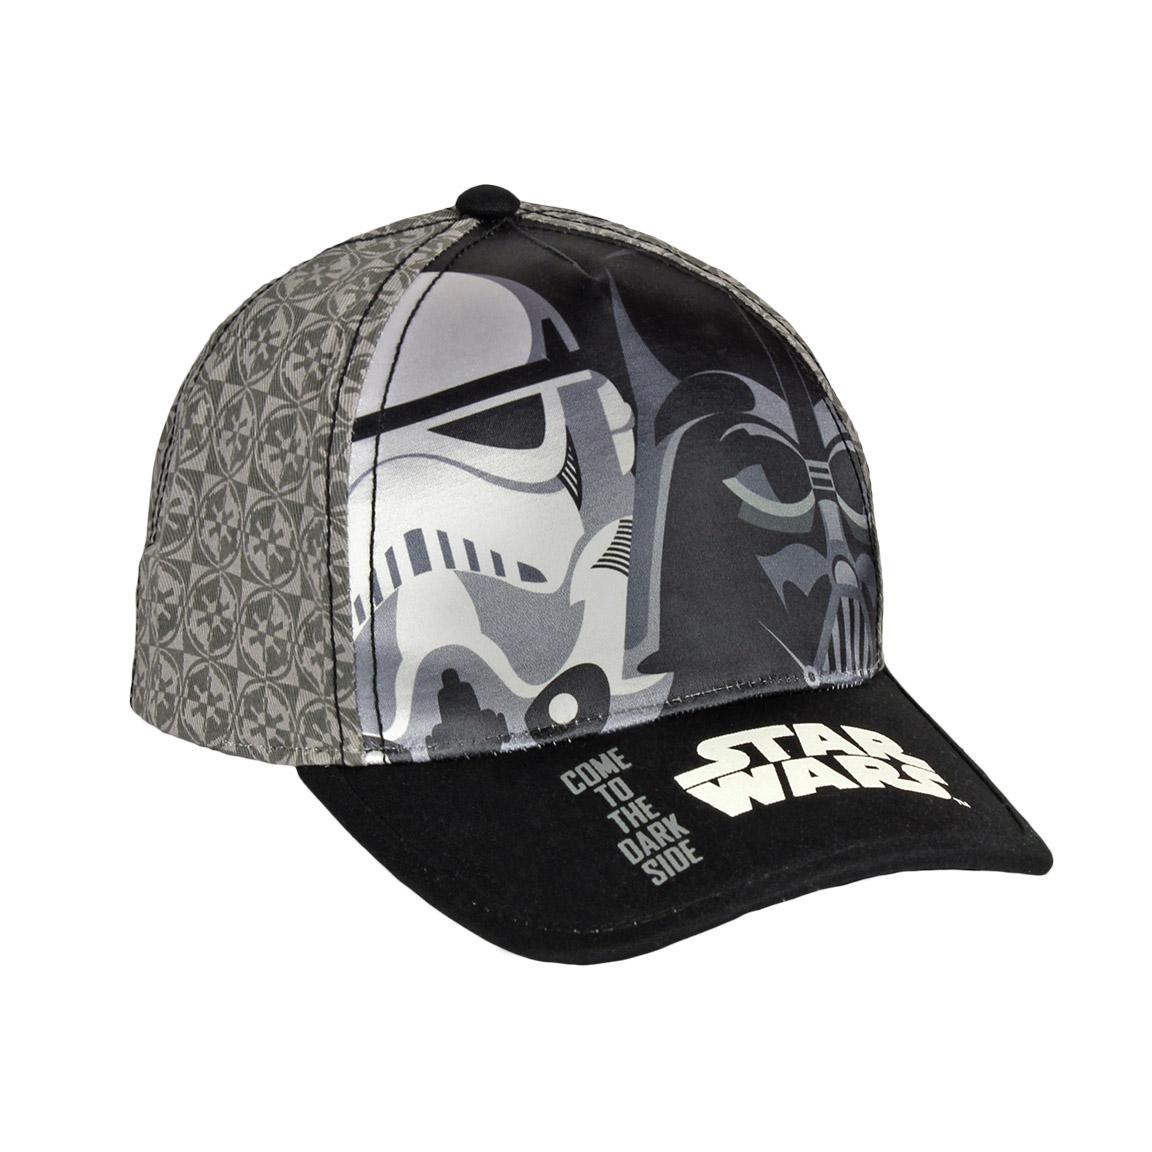 Czapka z daszkiem Star Wars size 52 szara - 6832601312 - oficjalne ... 5a2abeaa3f